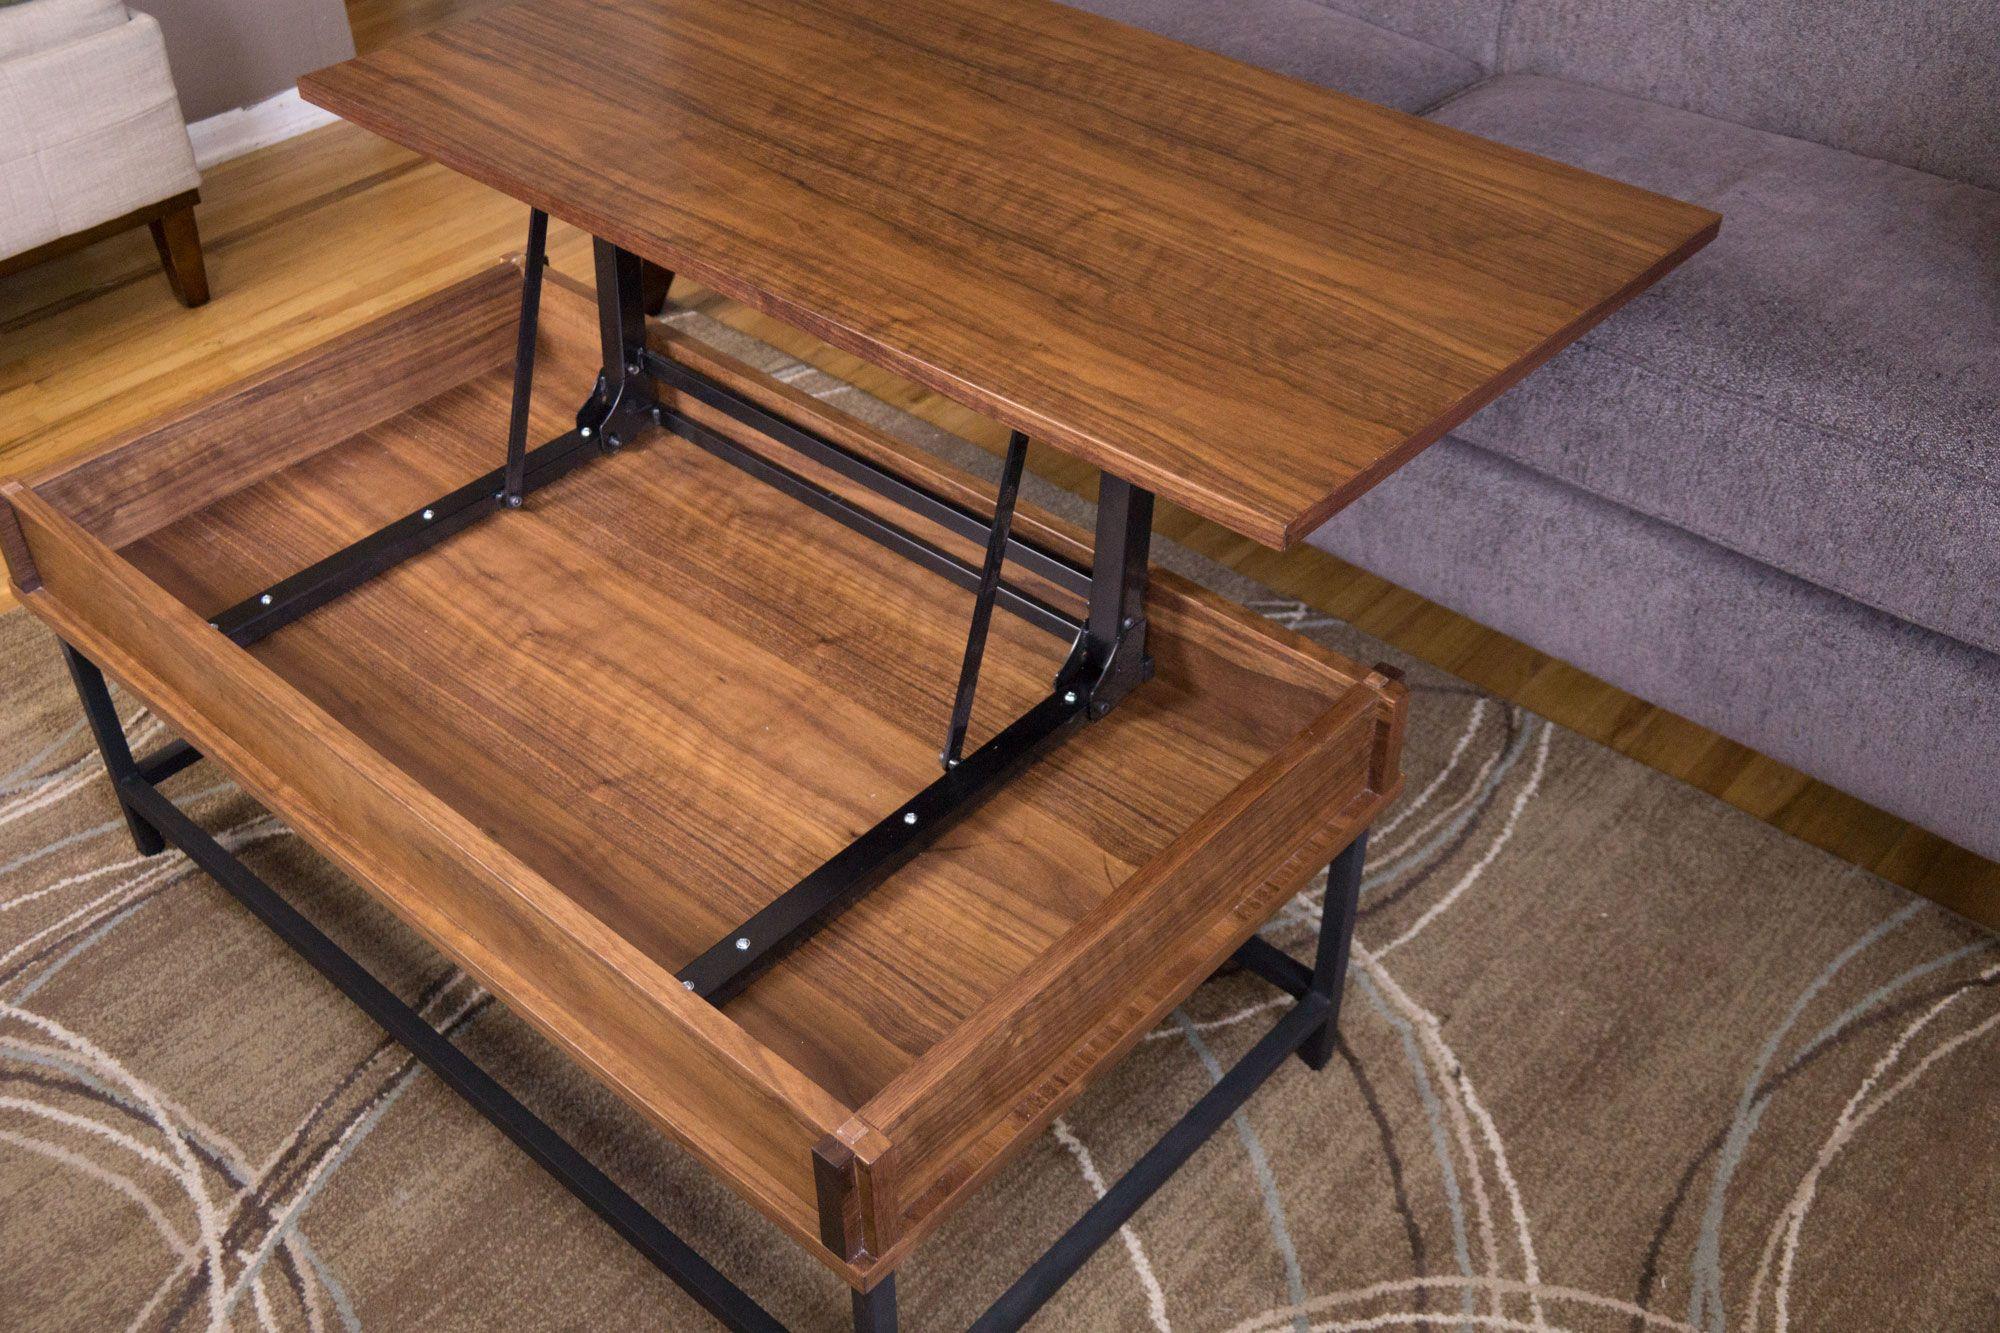 pin von melanie kozousek auf wohnen diy pinterest. Black Bedroom Furniture Sets. Home Design Ideas